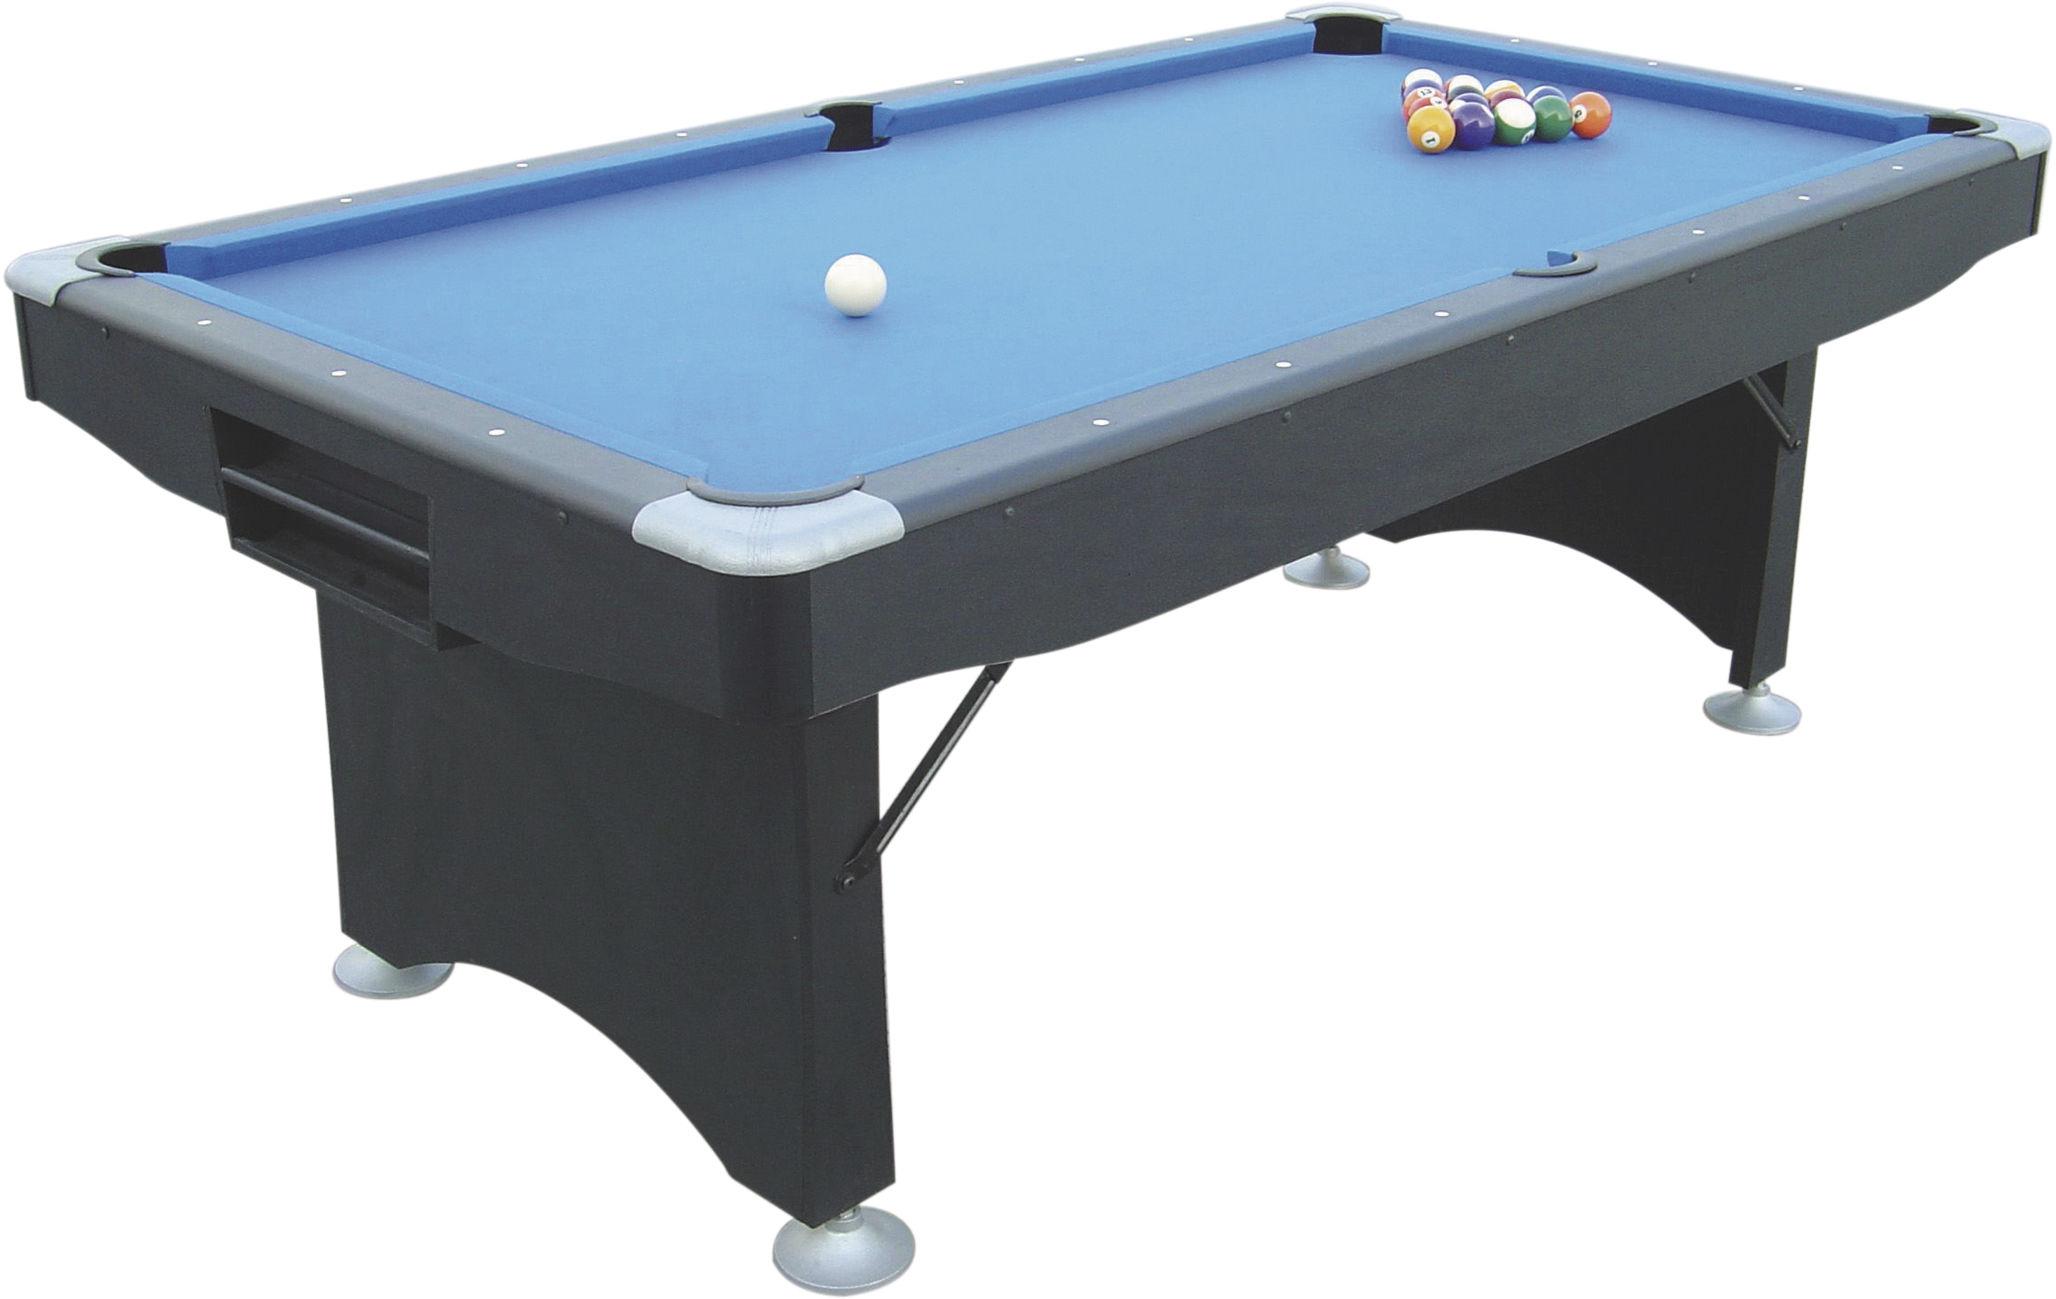 Składany stół bilardowy 7ft BUFFALO CHALLENGER /czarny/